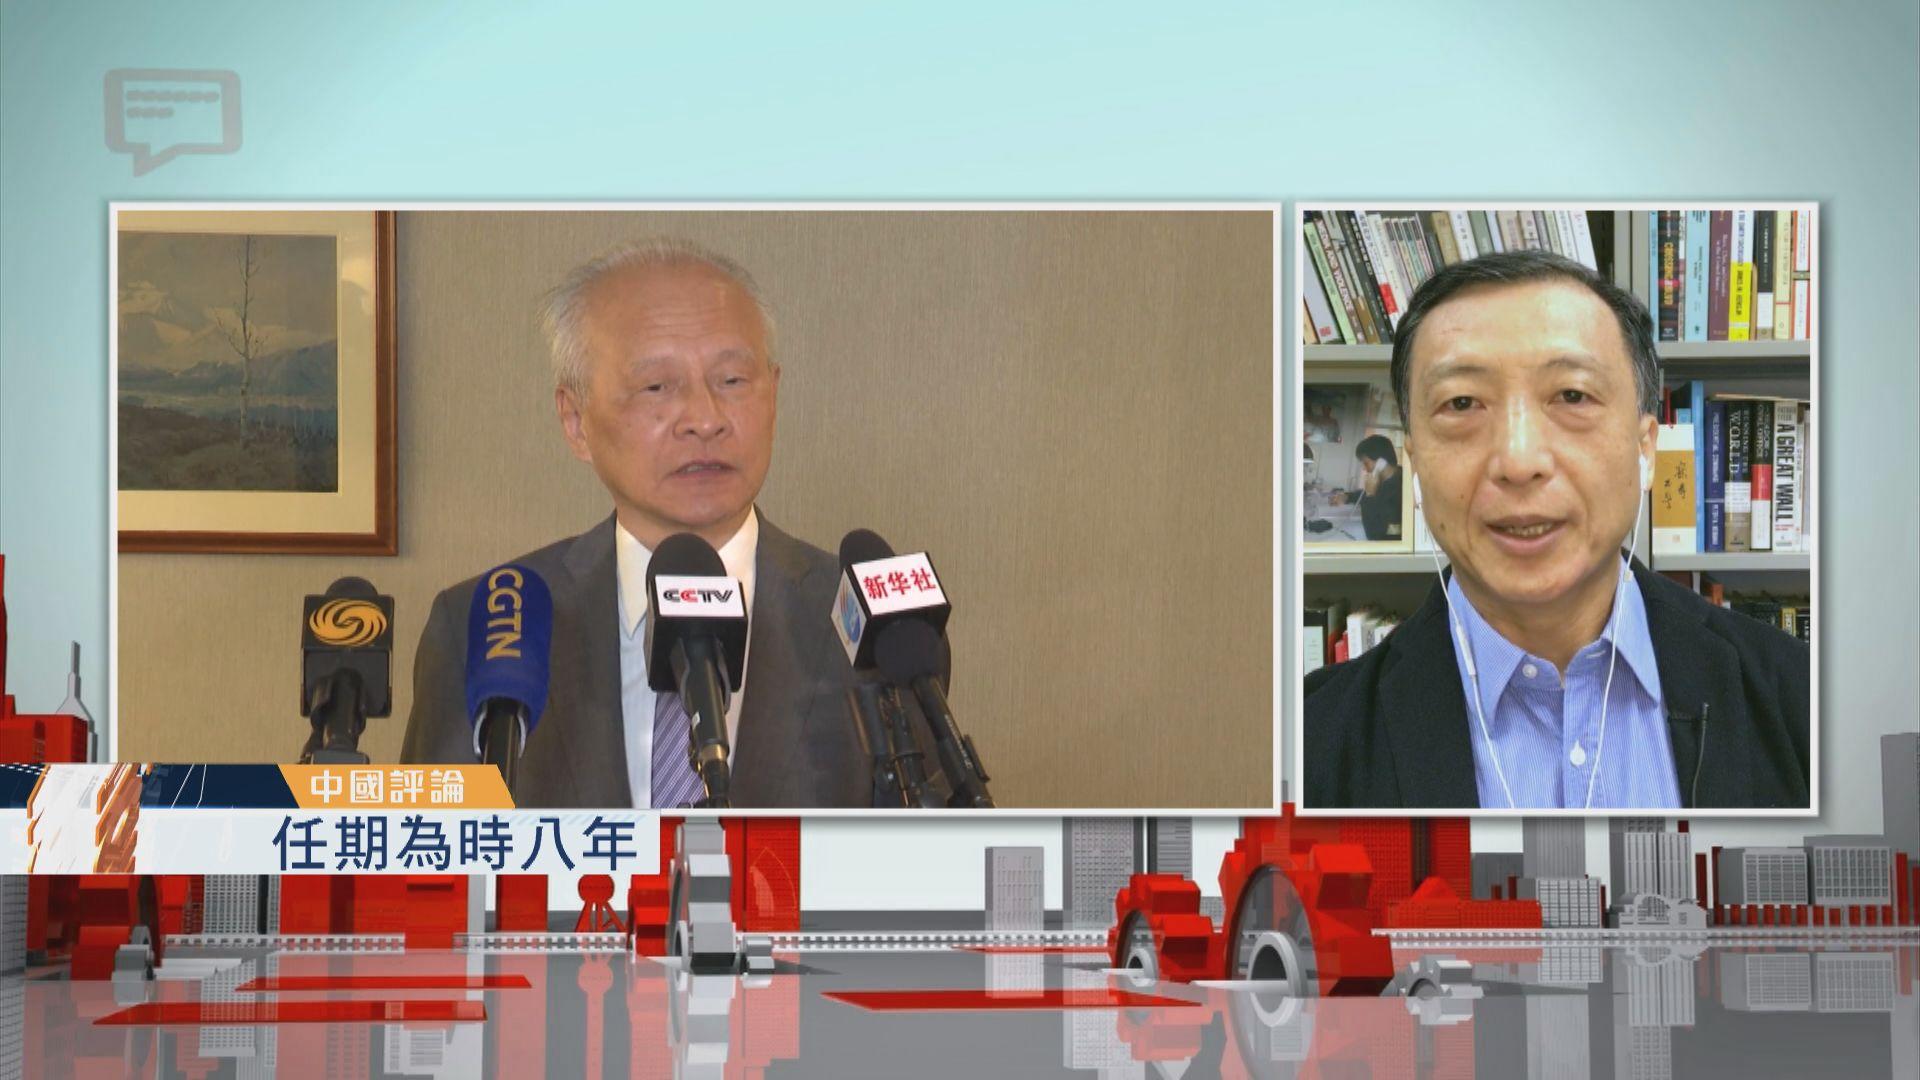 【中國評論】中國駐美大使崔天凱離任